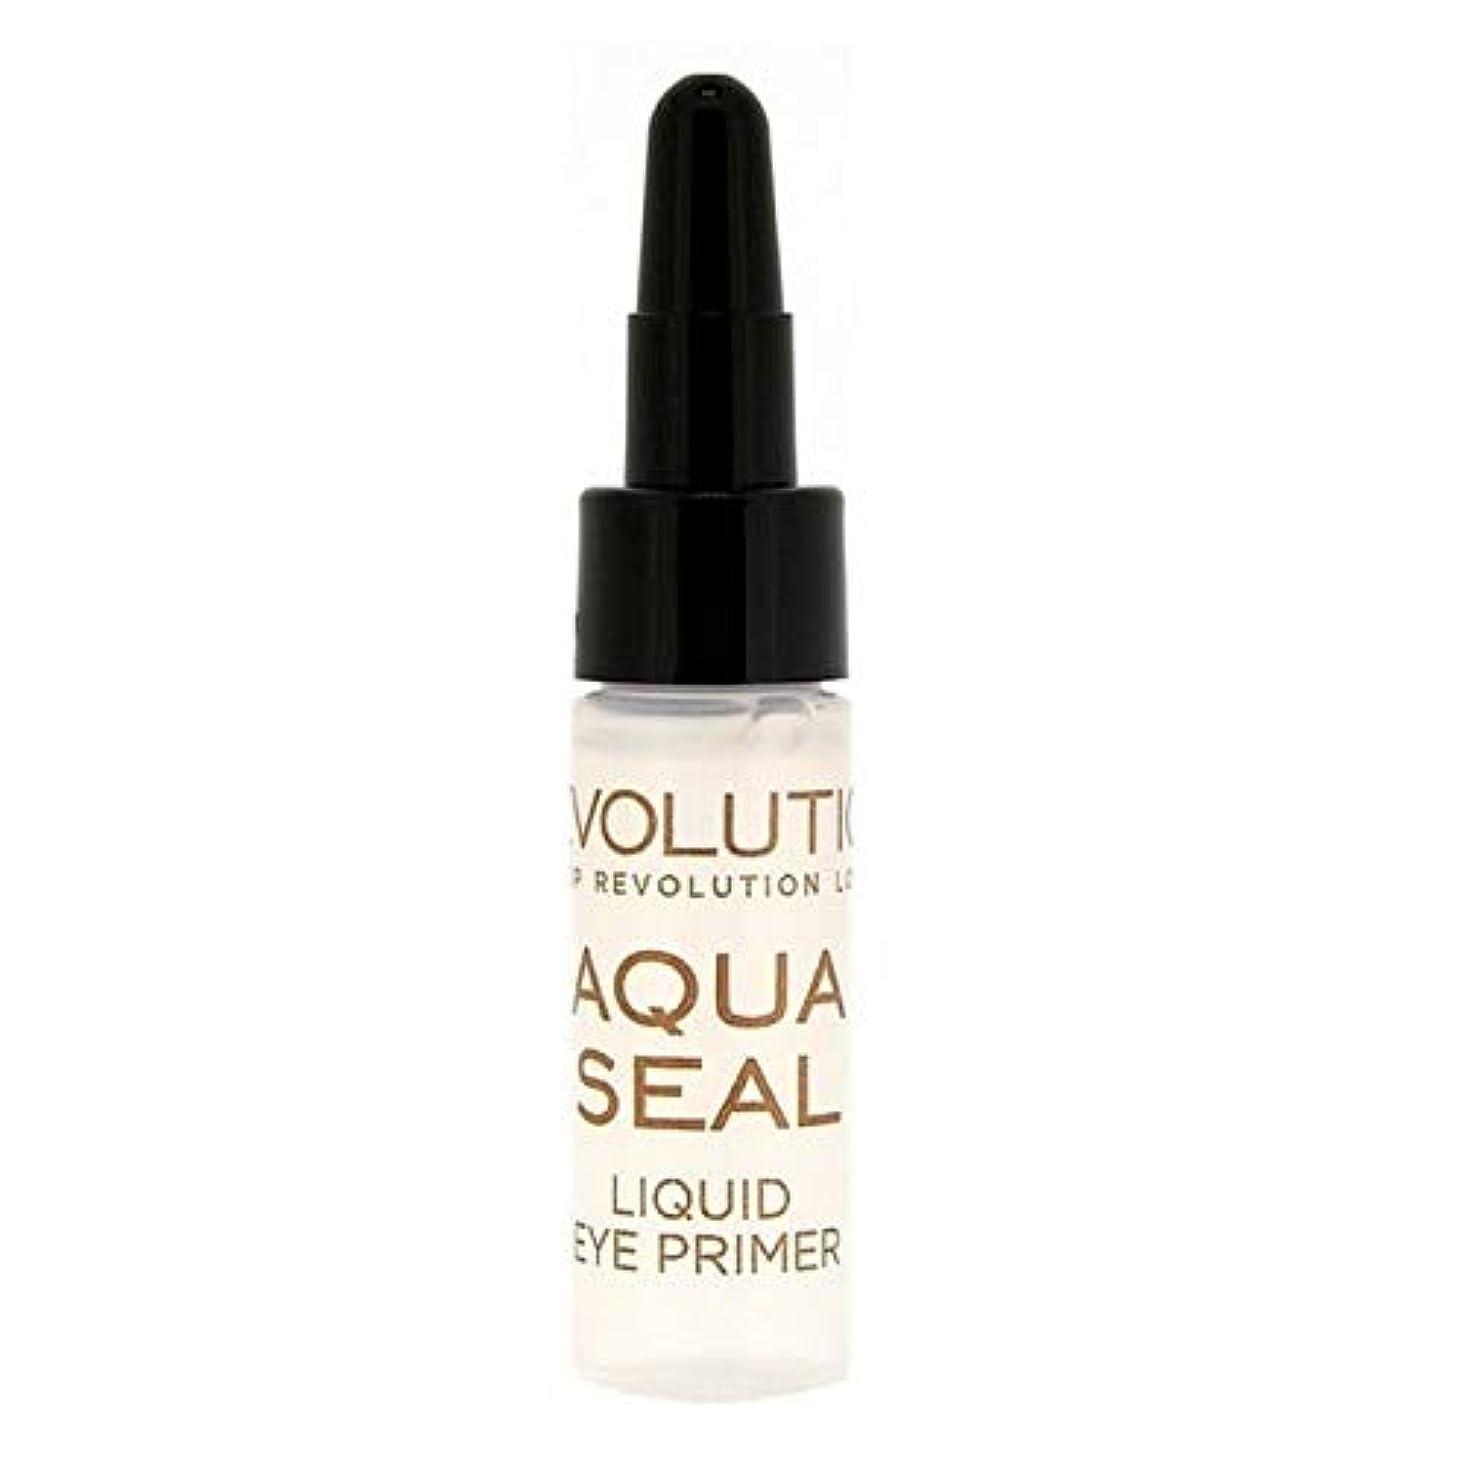 説明できるゲート[Revolution ] 革命液体アクアシールアイシャドウプライマー9グラム - Revolution Liquid Aqua Seal Eyeshadow Primer 9g [並行輸入品]